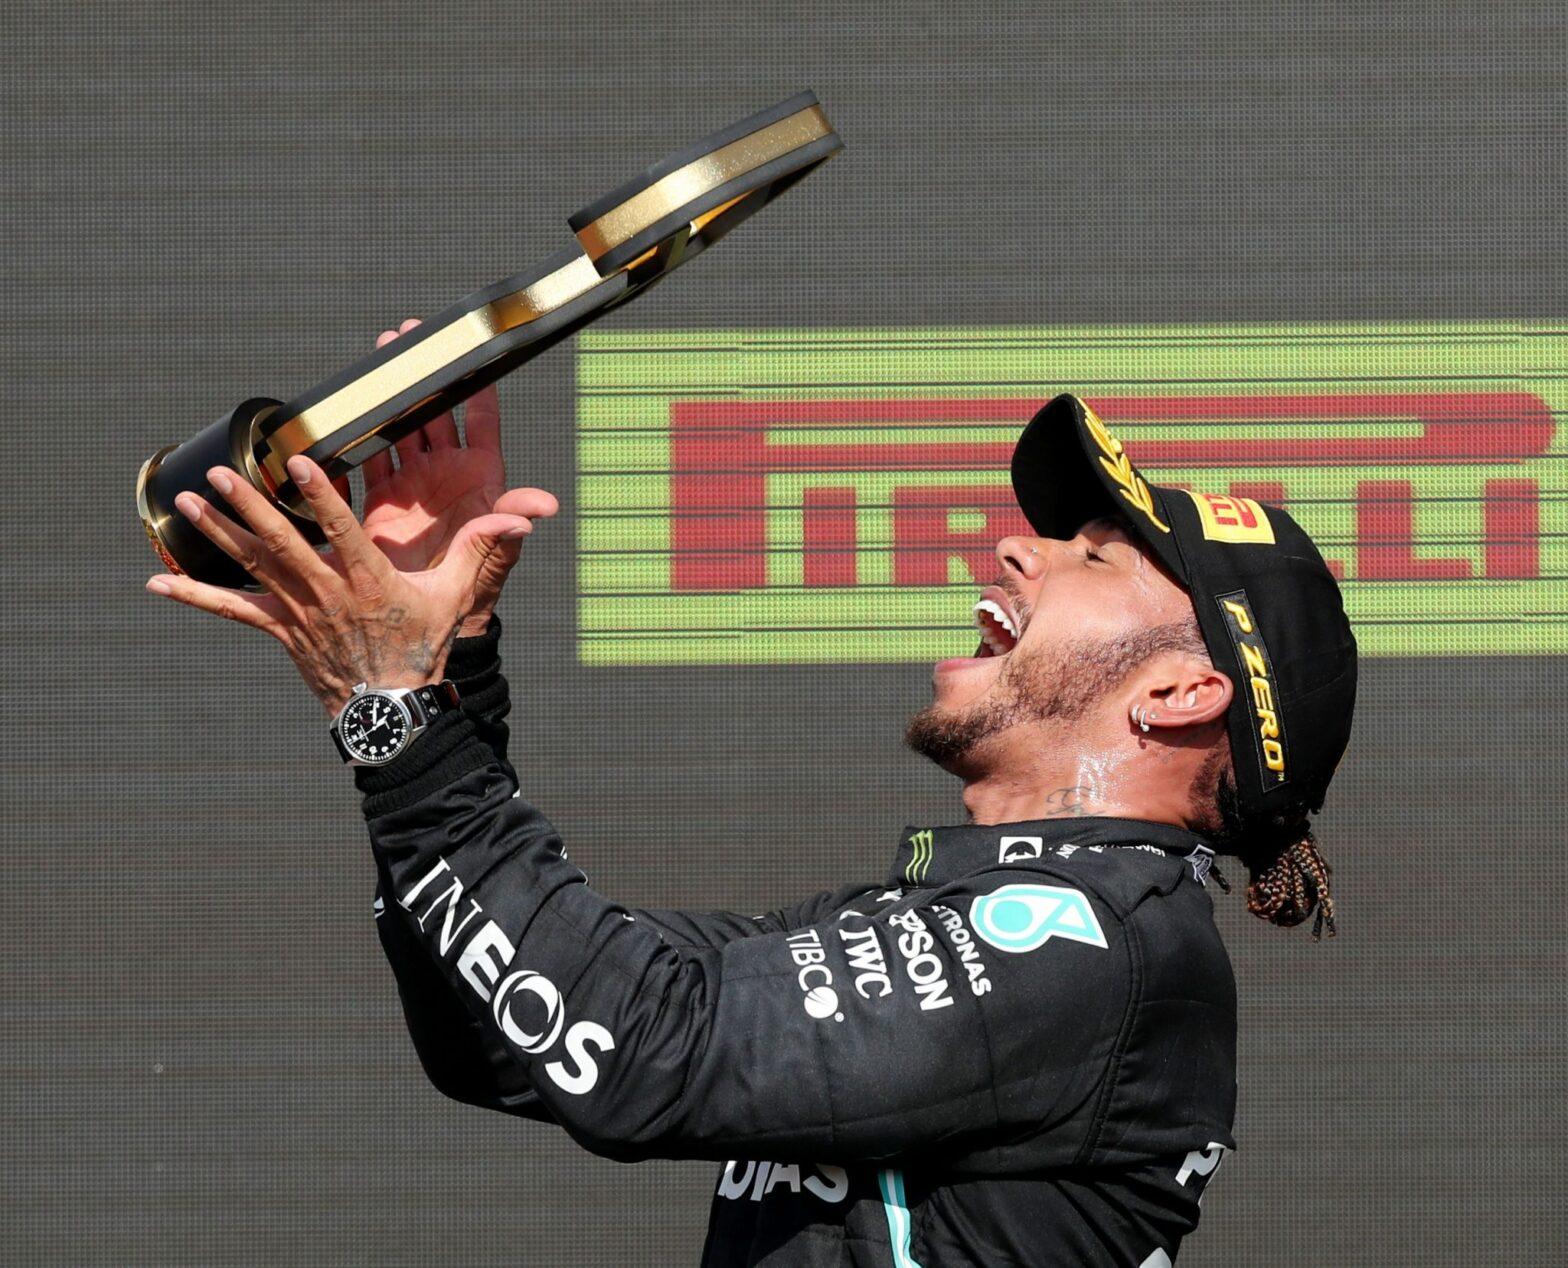 Lewis Hamilton wins British Grand Prix 2021   లూయిస్ హామిల్టన్ బ్రిటిష్ గ్రాండ్ ప్రిక్స్ 2021 ను గెలుచుకున్నాడు  _40.1